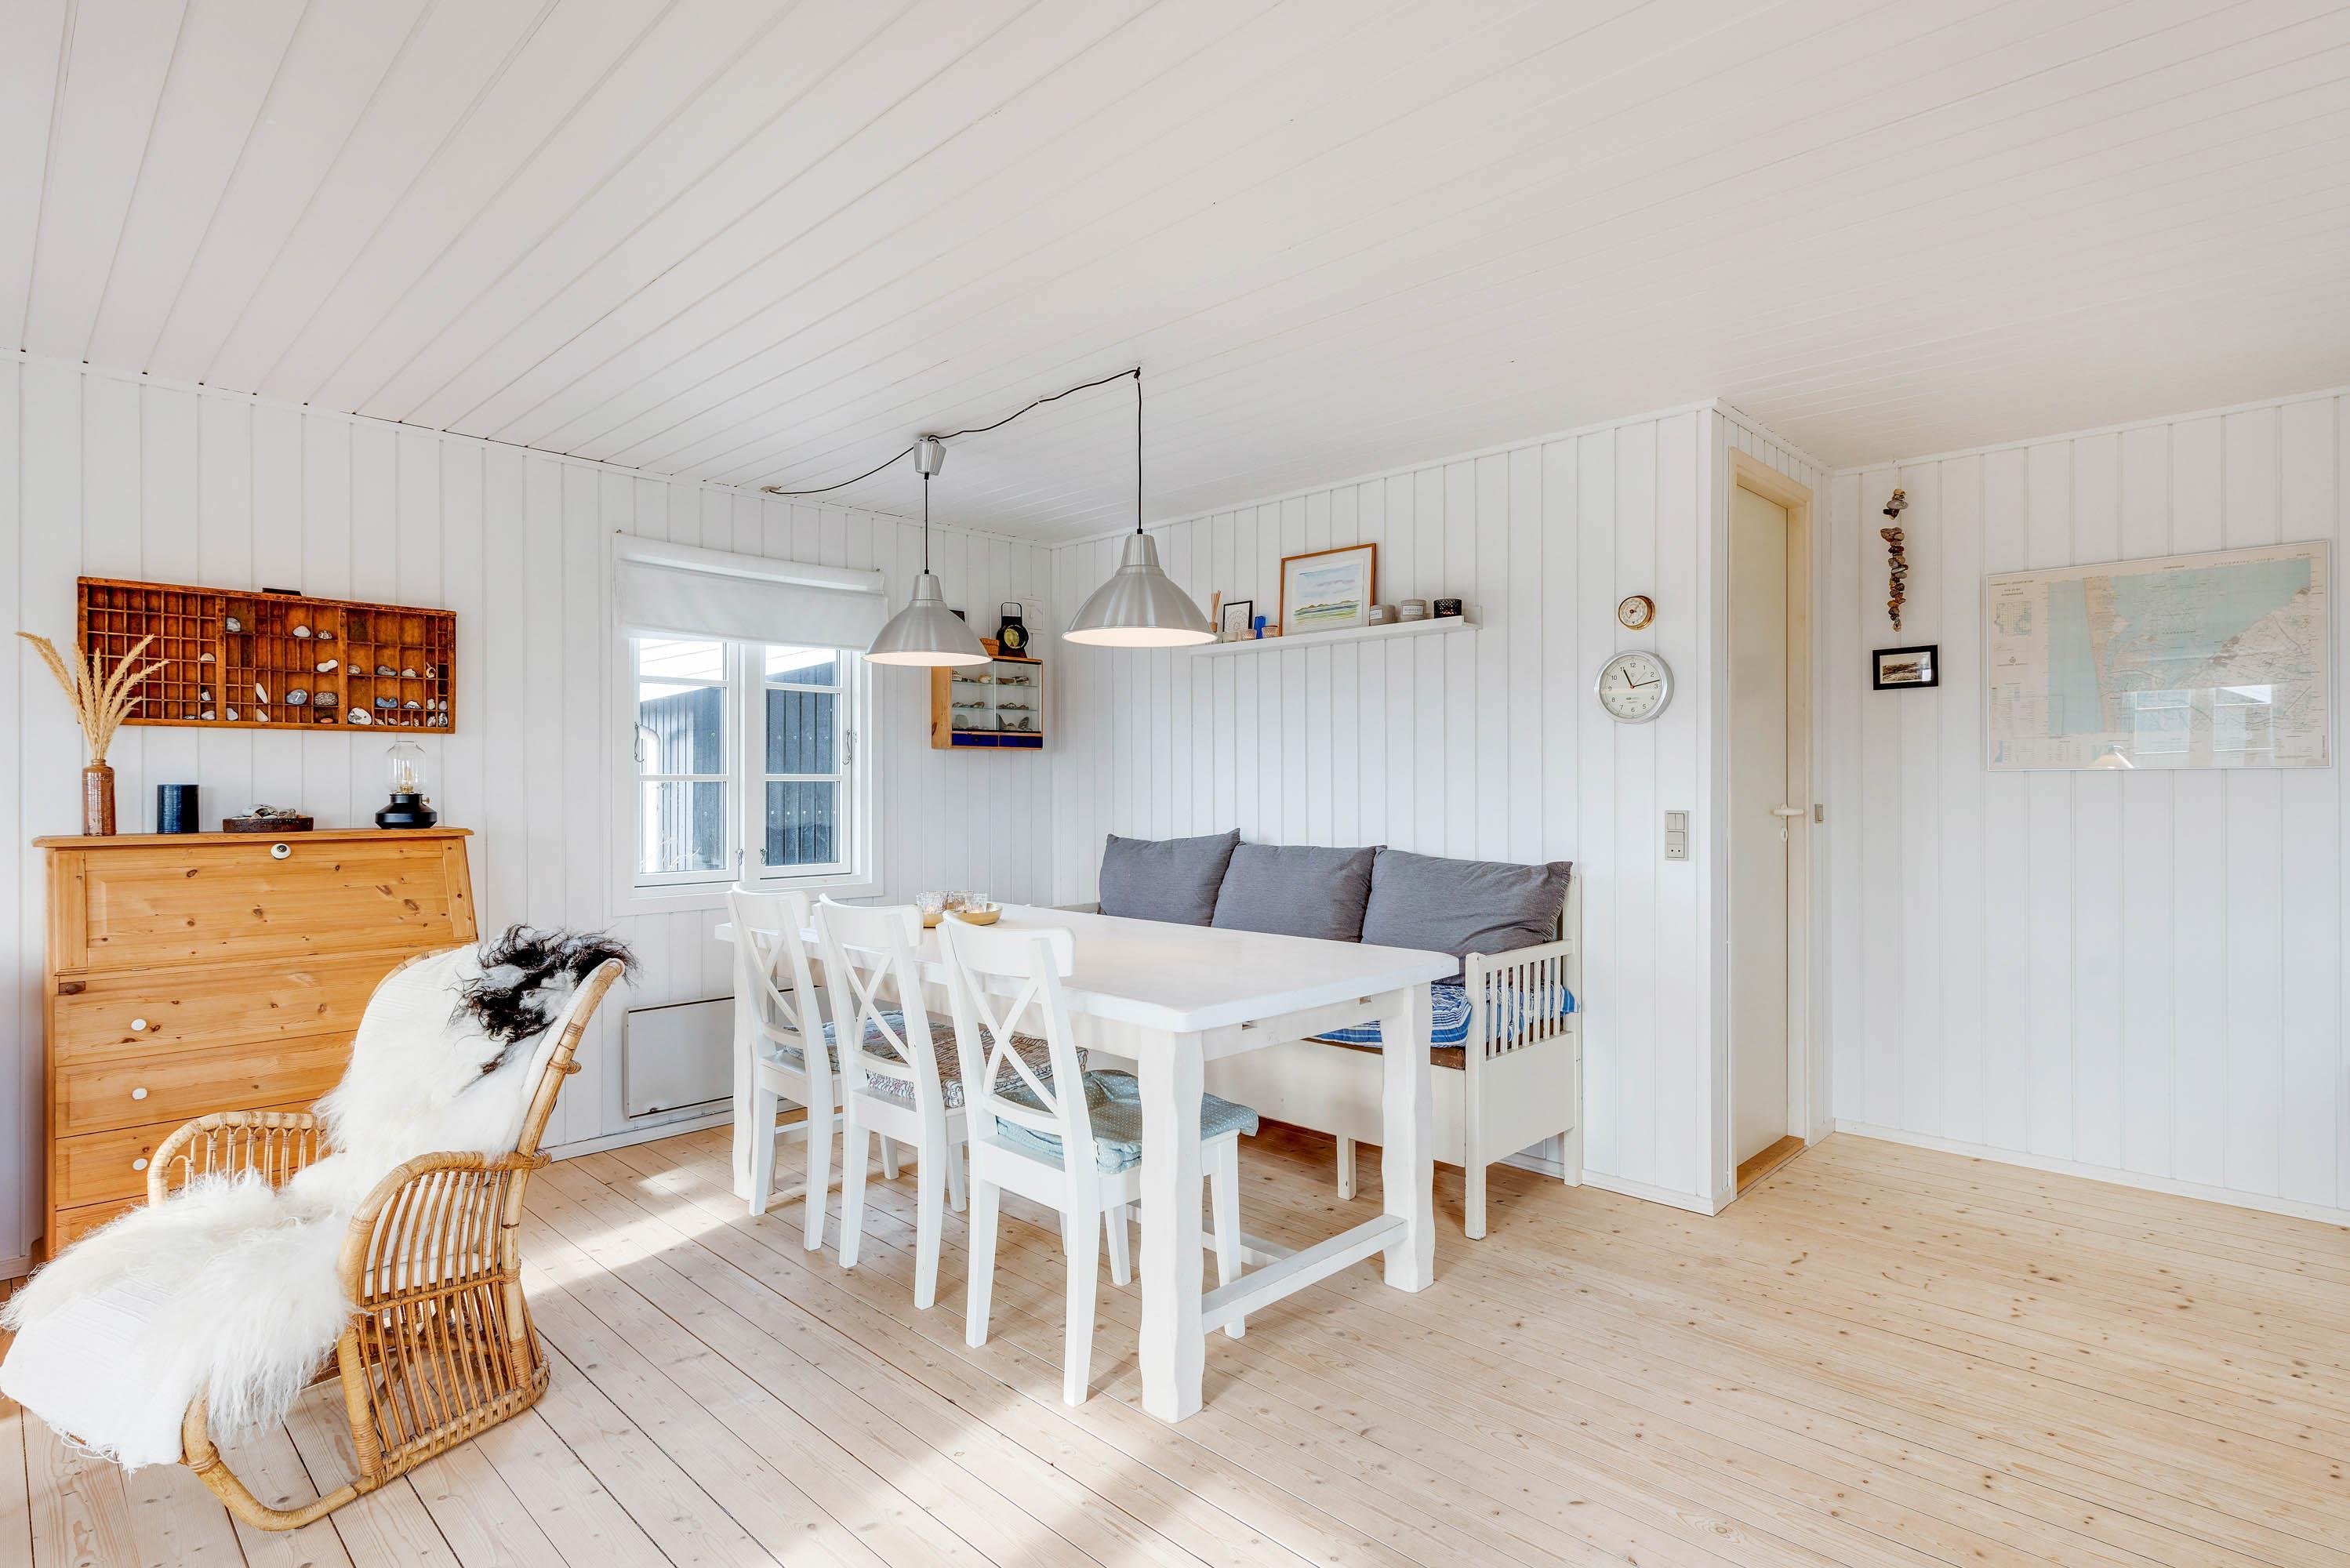 Gemütliches Holzhaus mit Kaminofen (Bild 9)